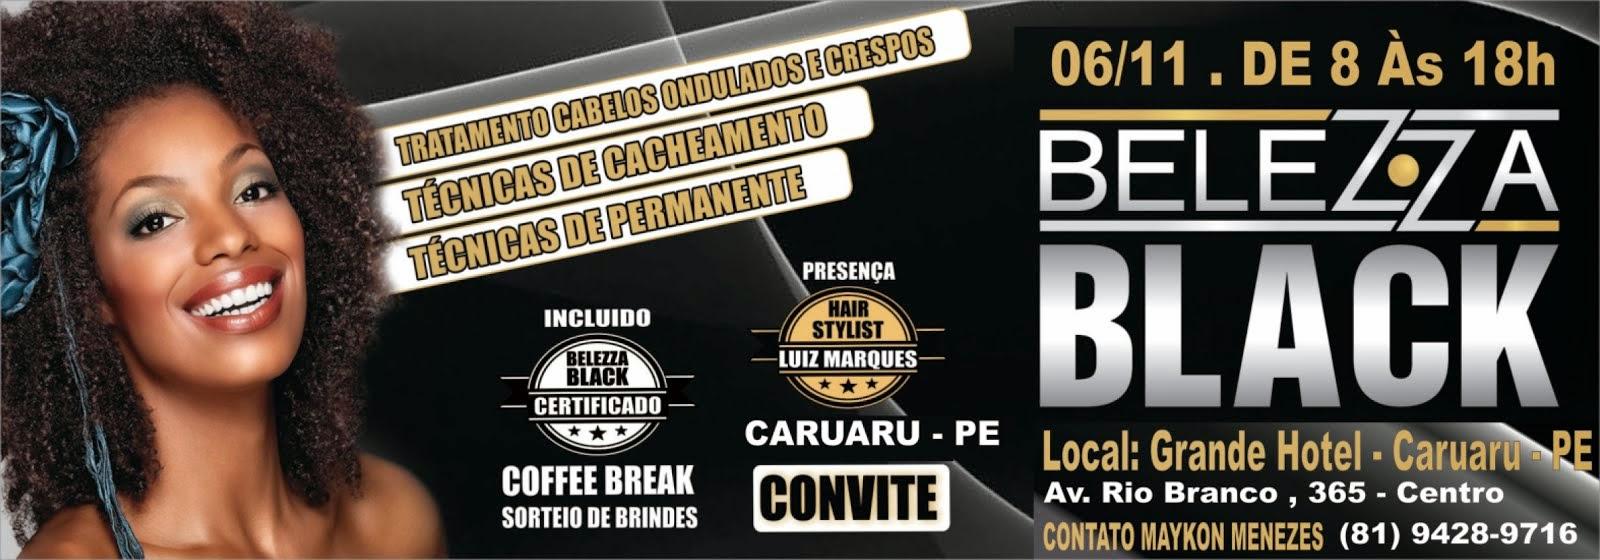 Dia 06 De Novembro a Belezza Black chega a Caruaru